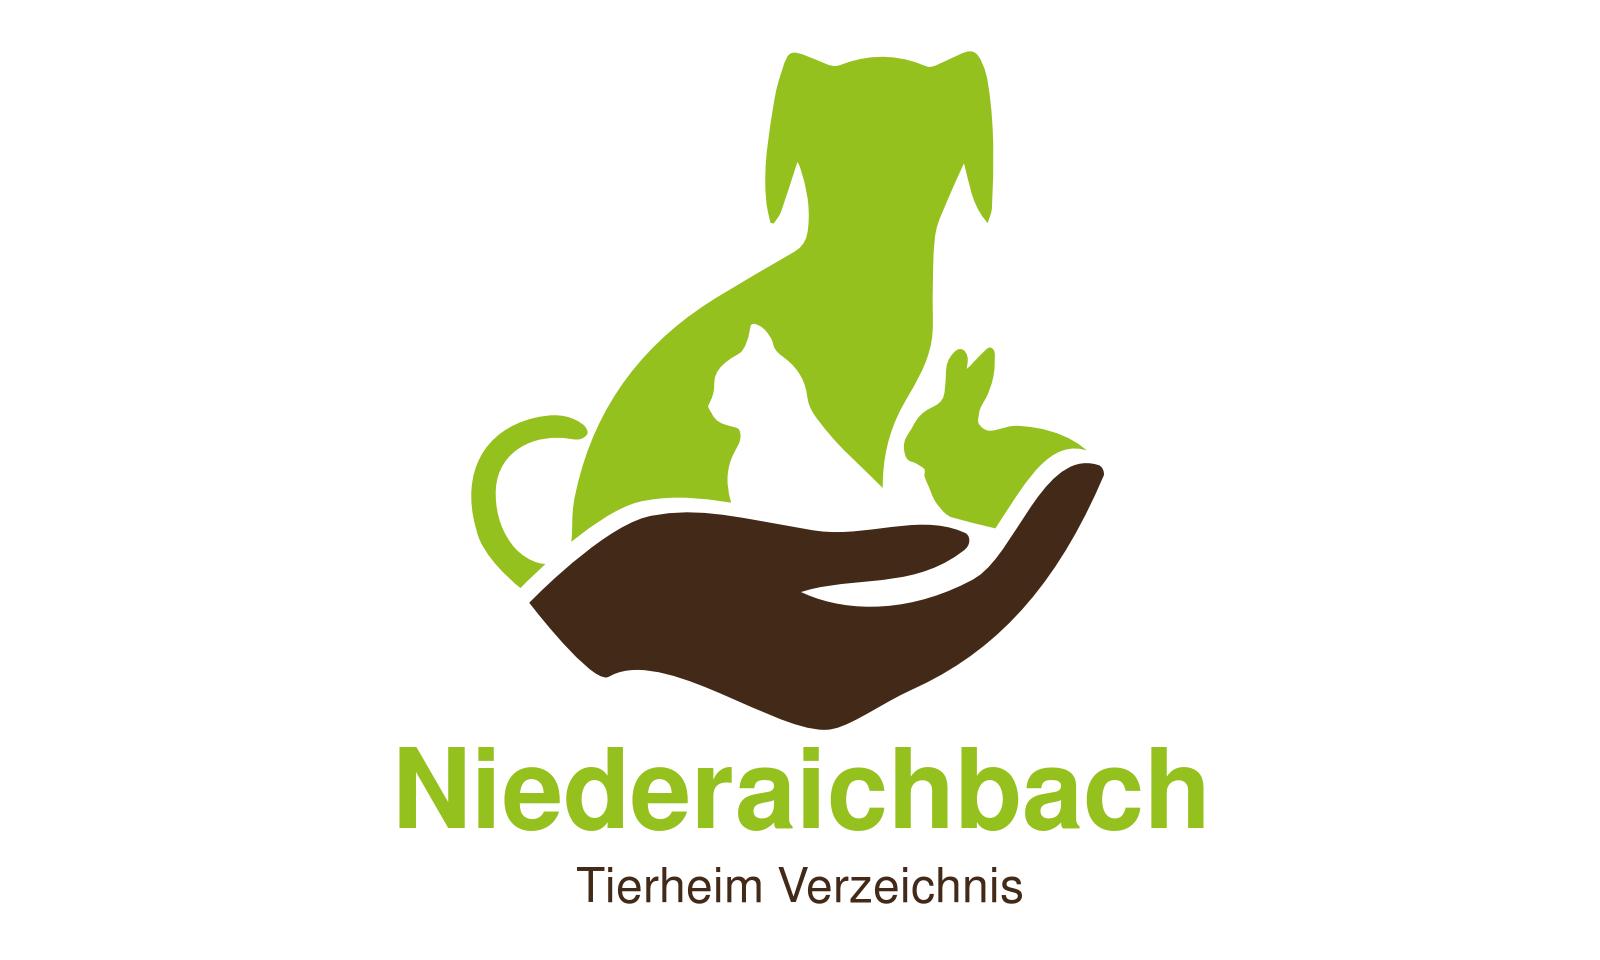 Tierheim Niederaichbach